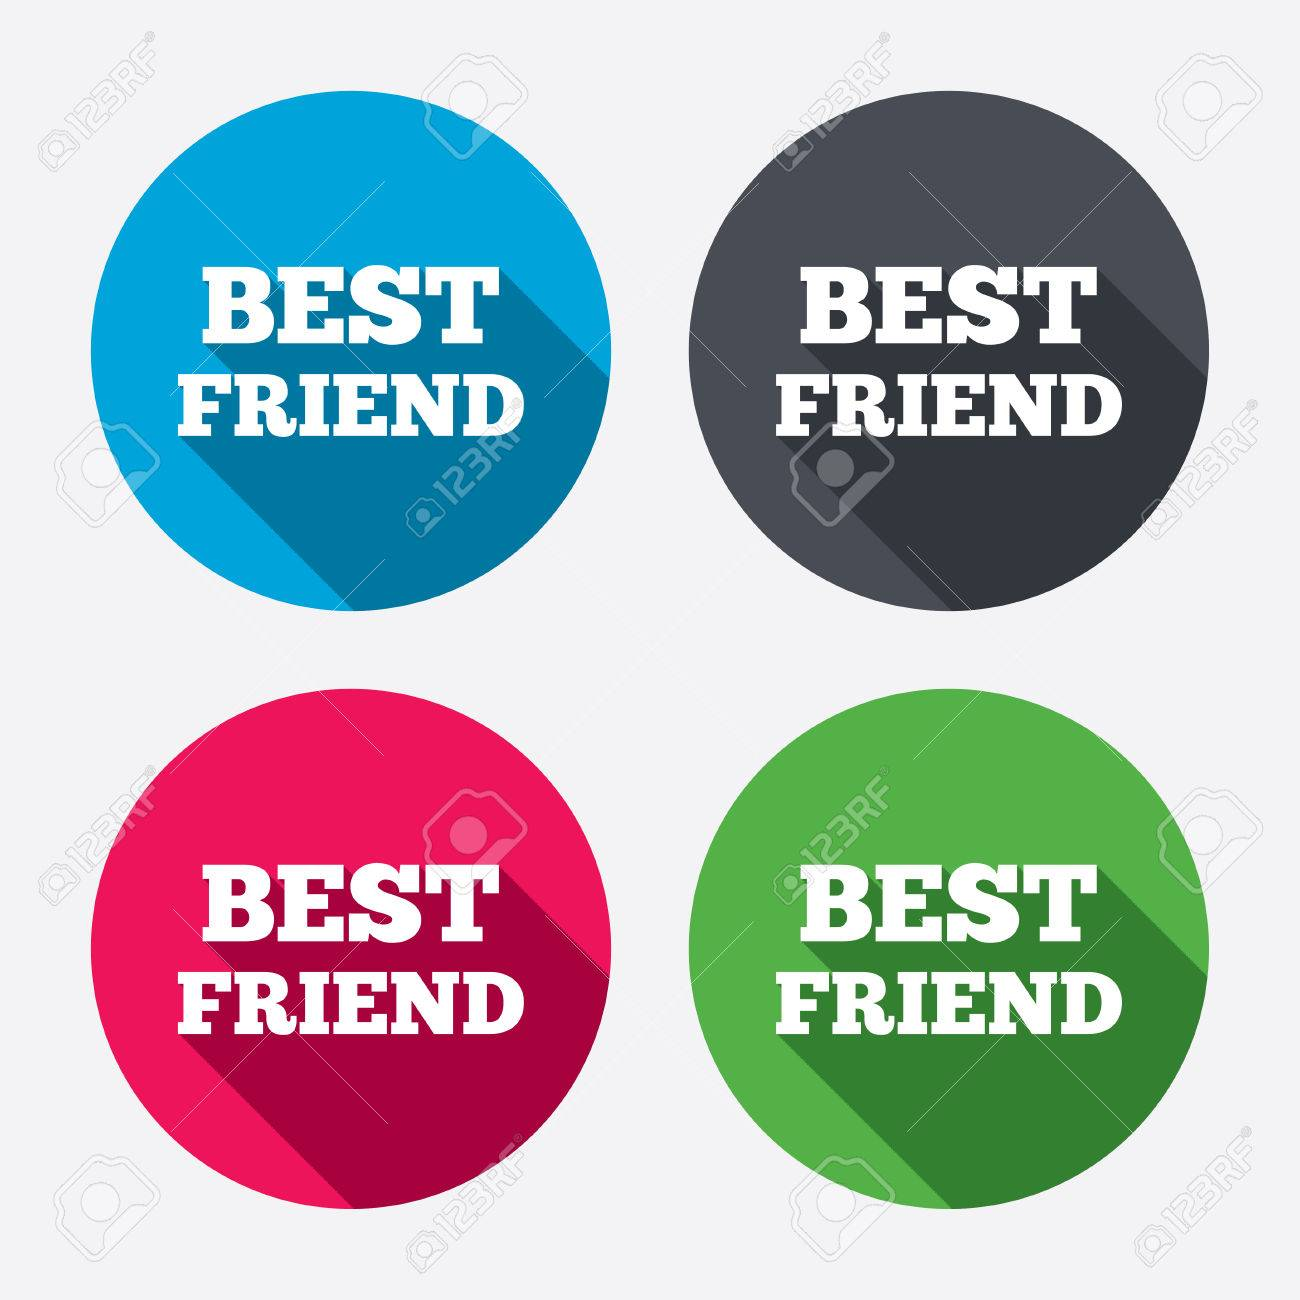 Bester Freund Symbol. Auszeichnung Symbol. Kreis-Schaltflächen Mit ...